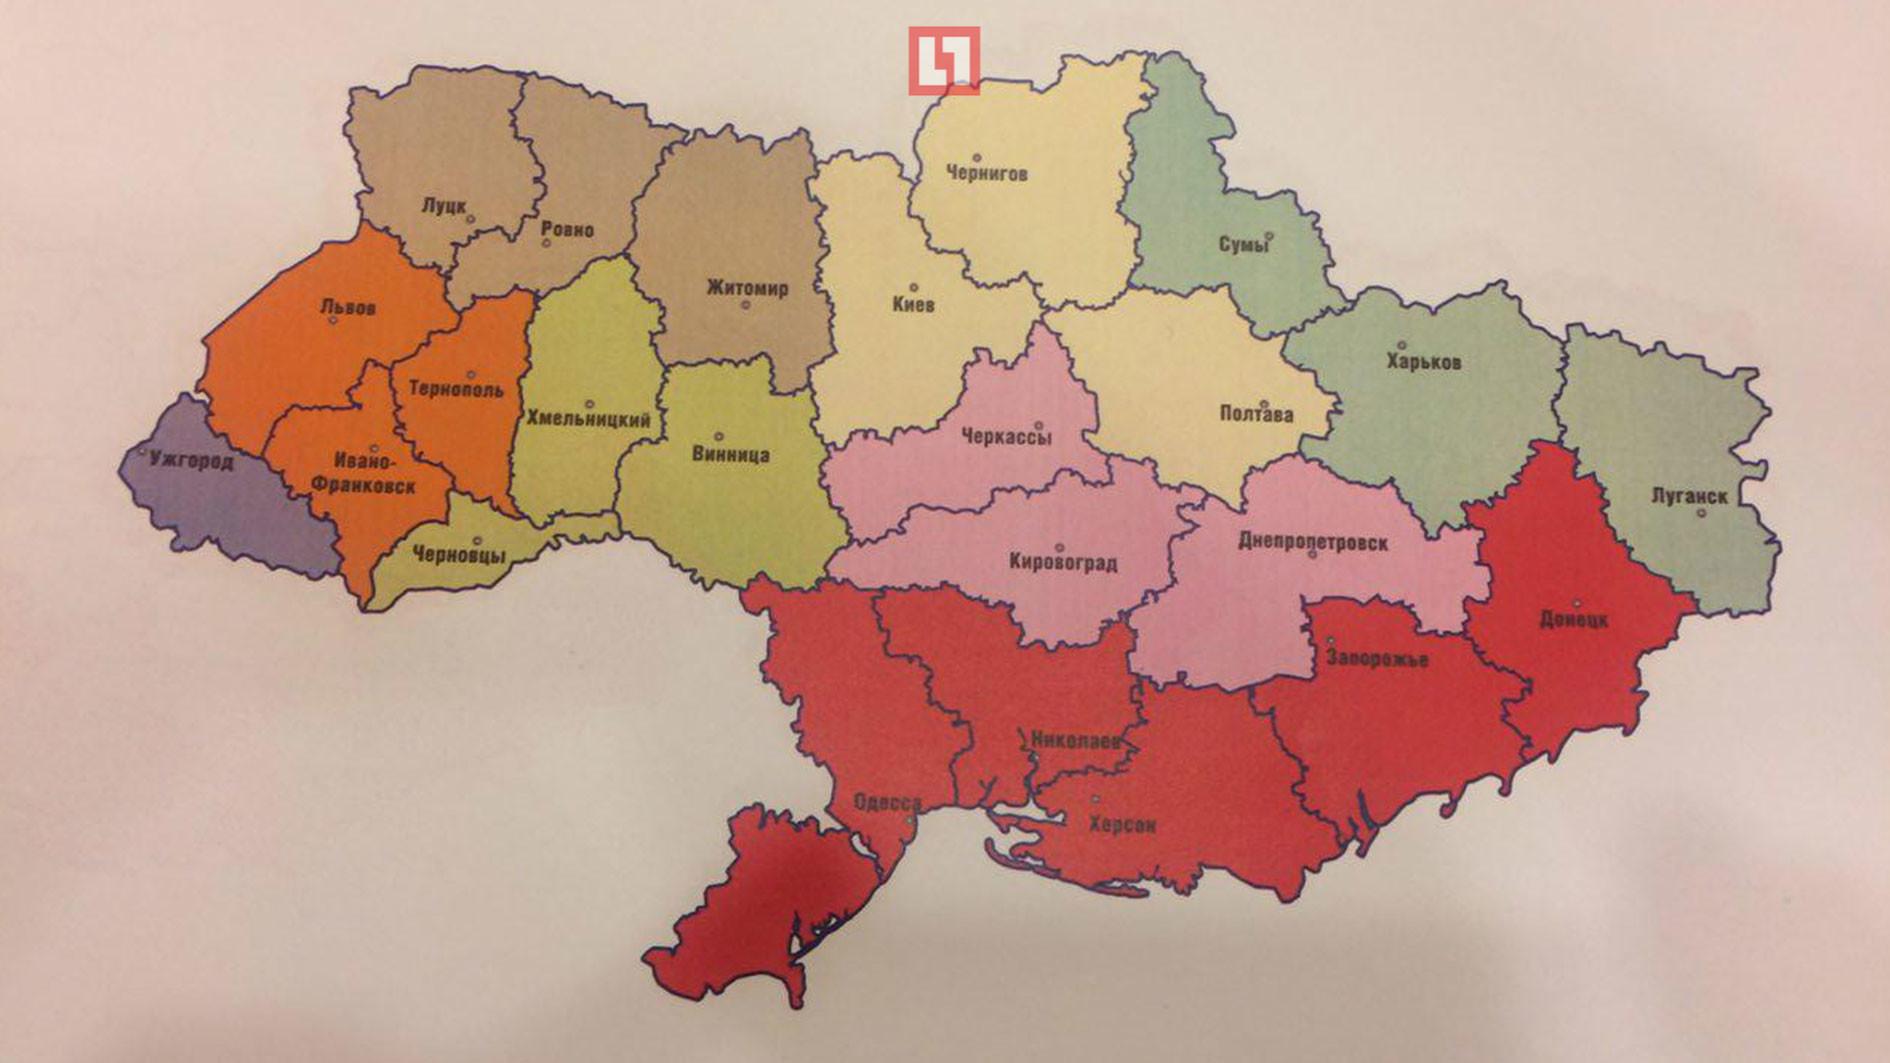 Заявленная территория Малороссии. Фото: ©L!FE